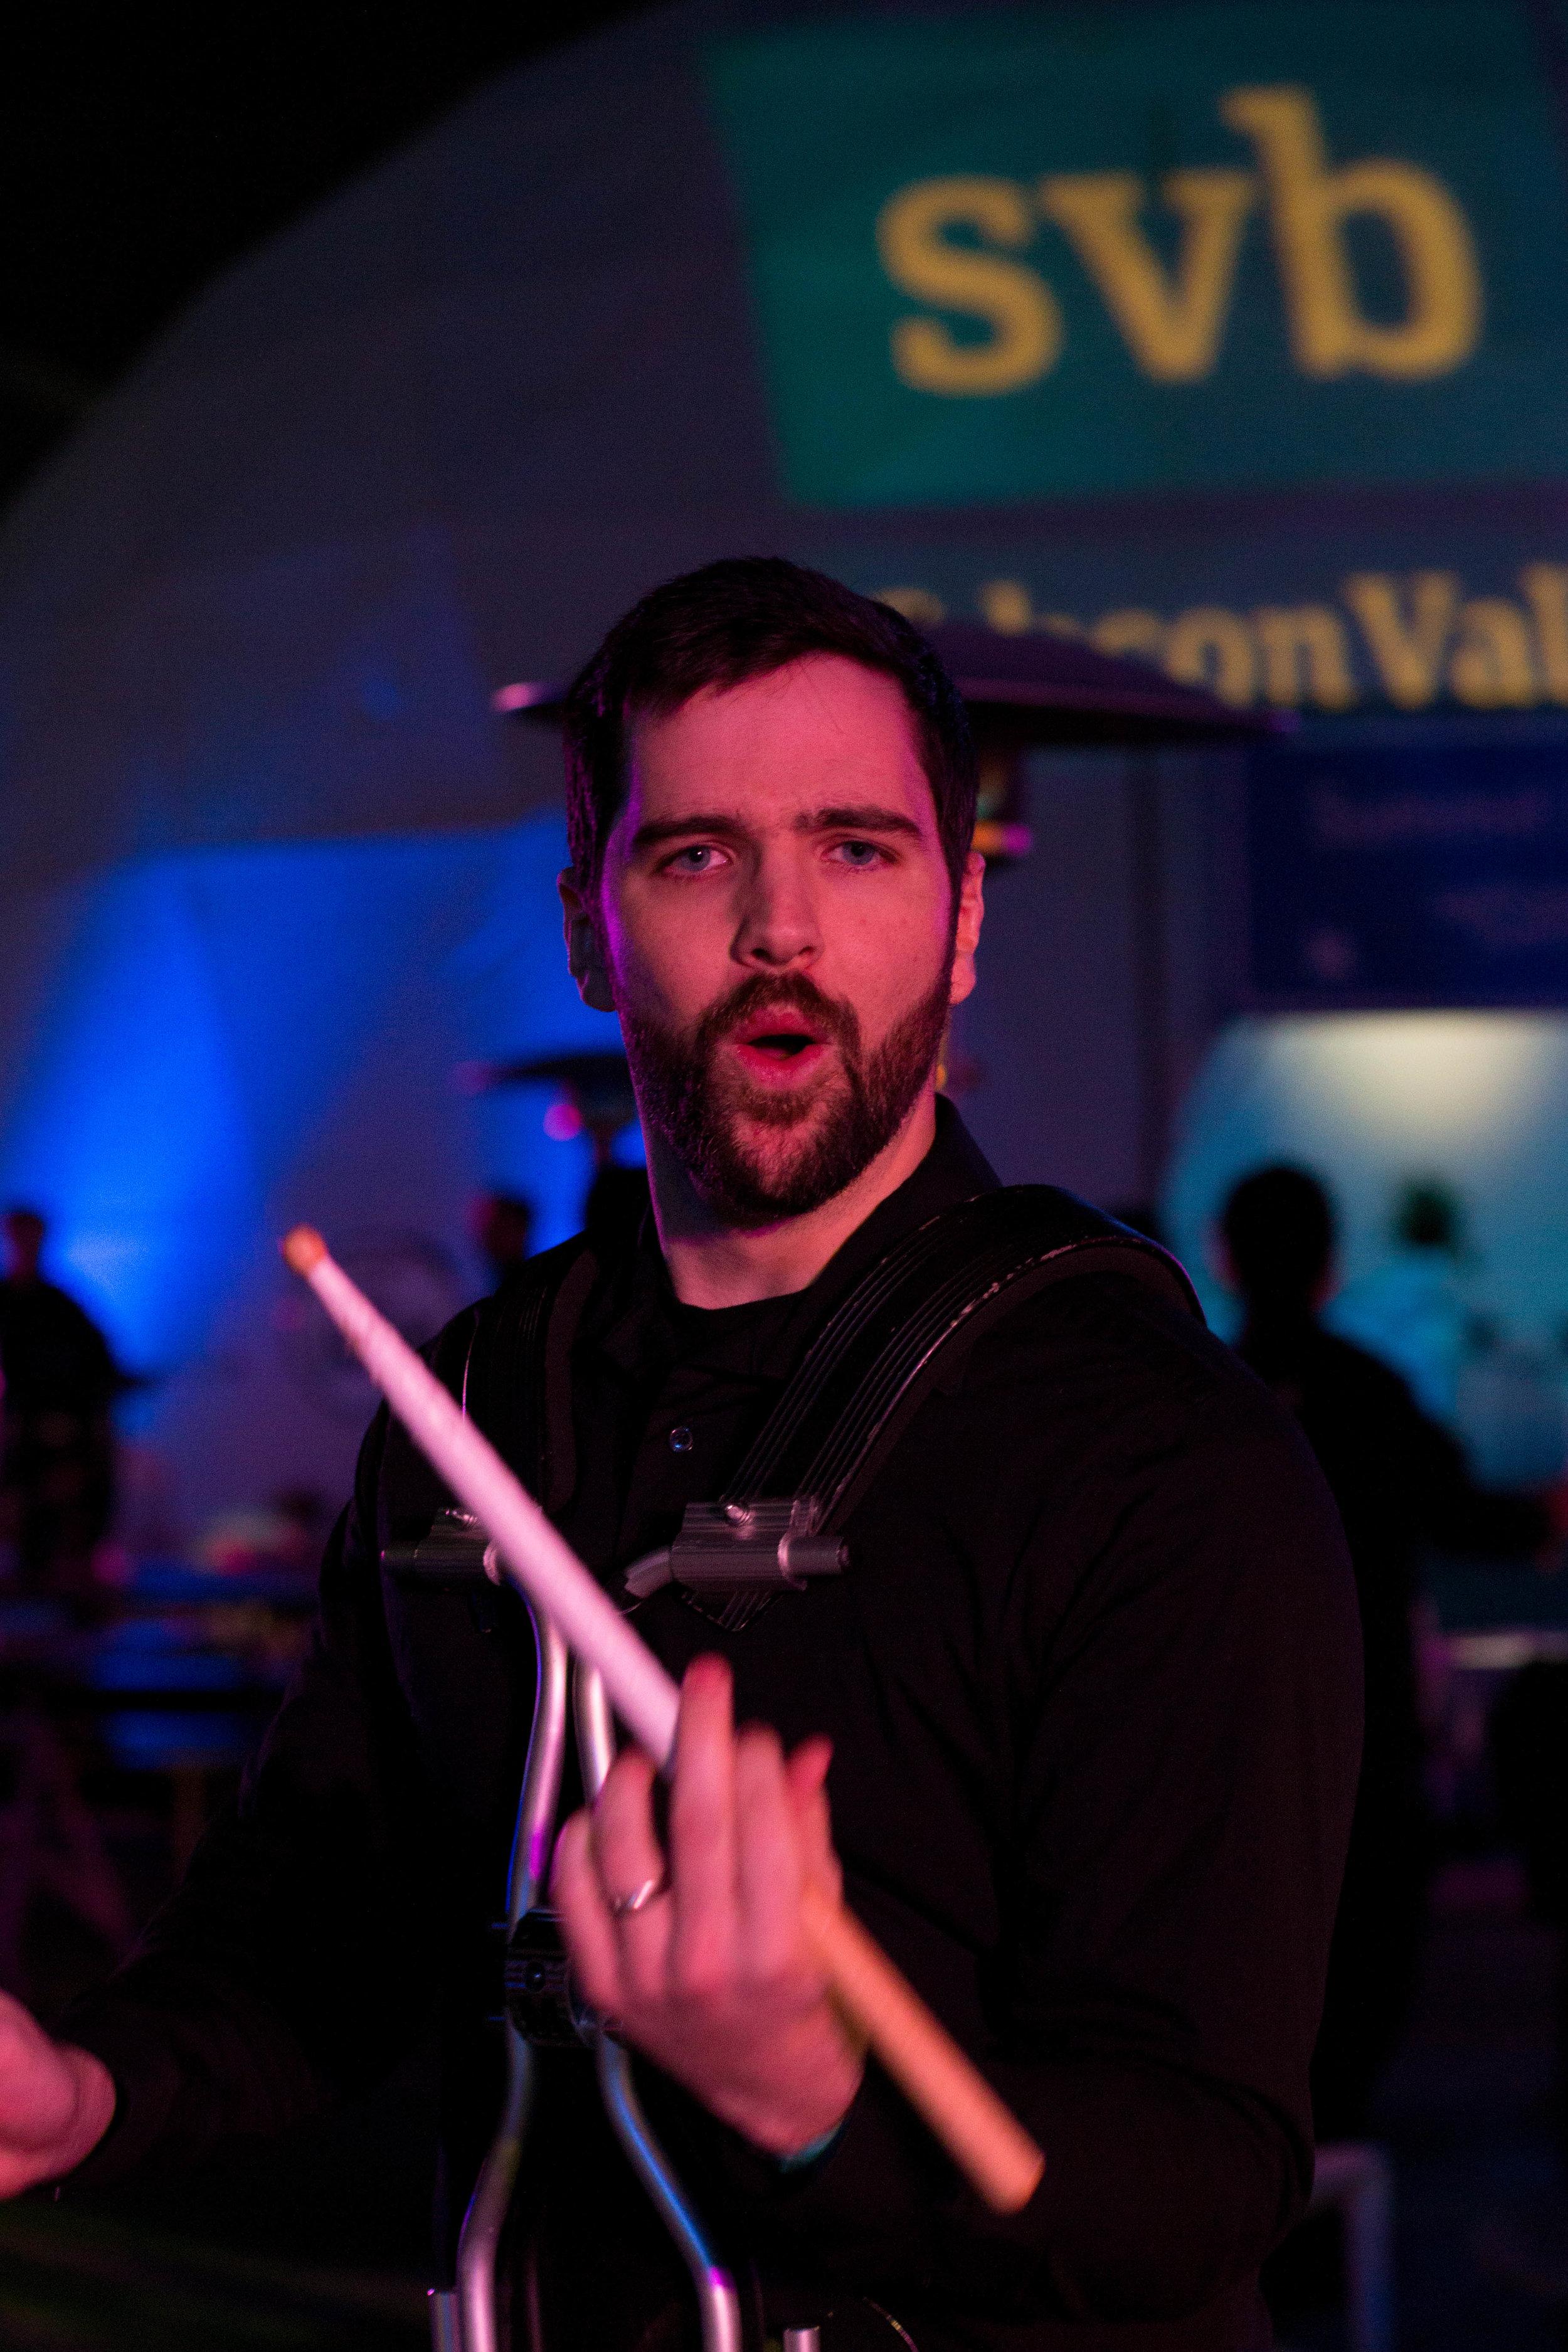 David Performing